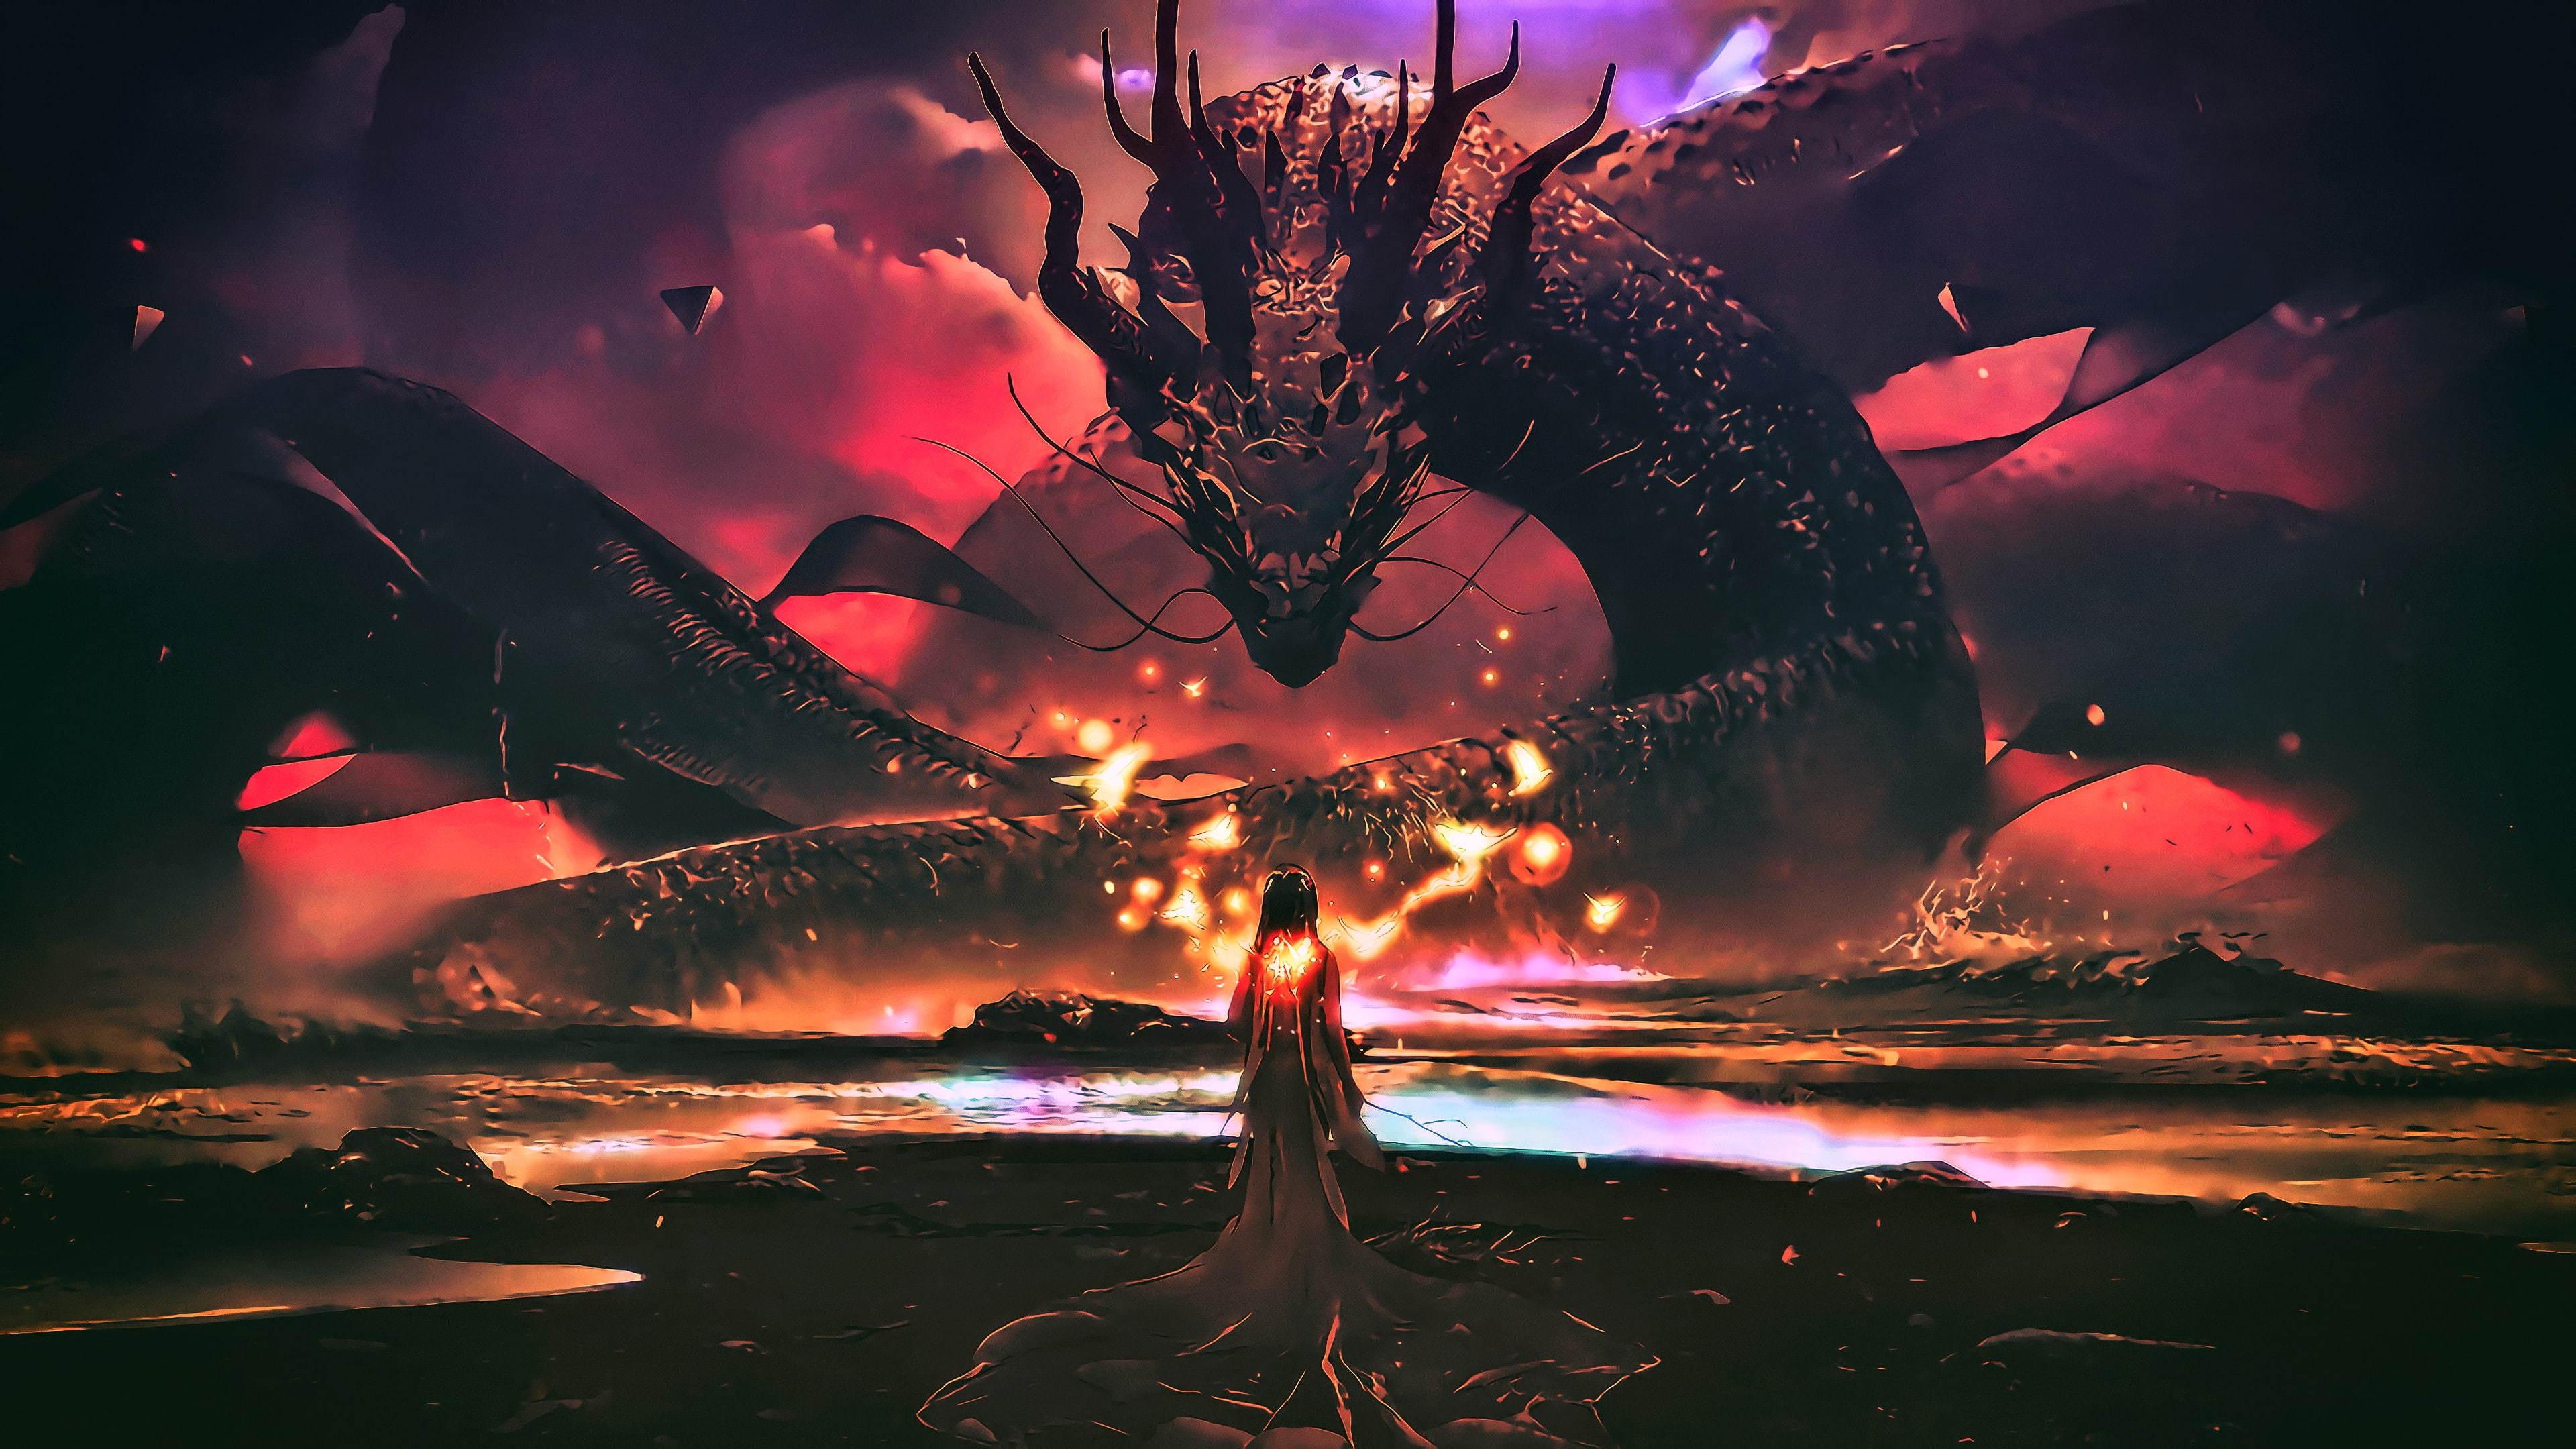 Картинка: Дракон, змей, девушка, огни, вода